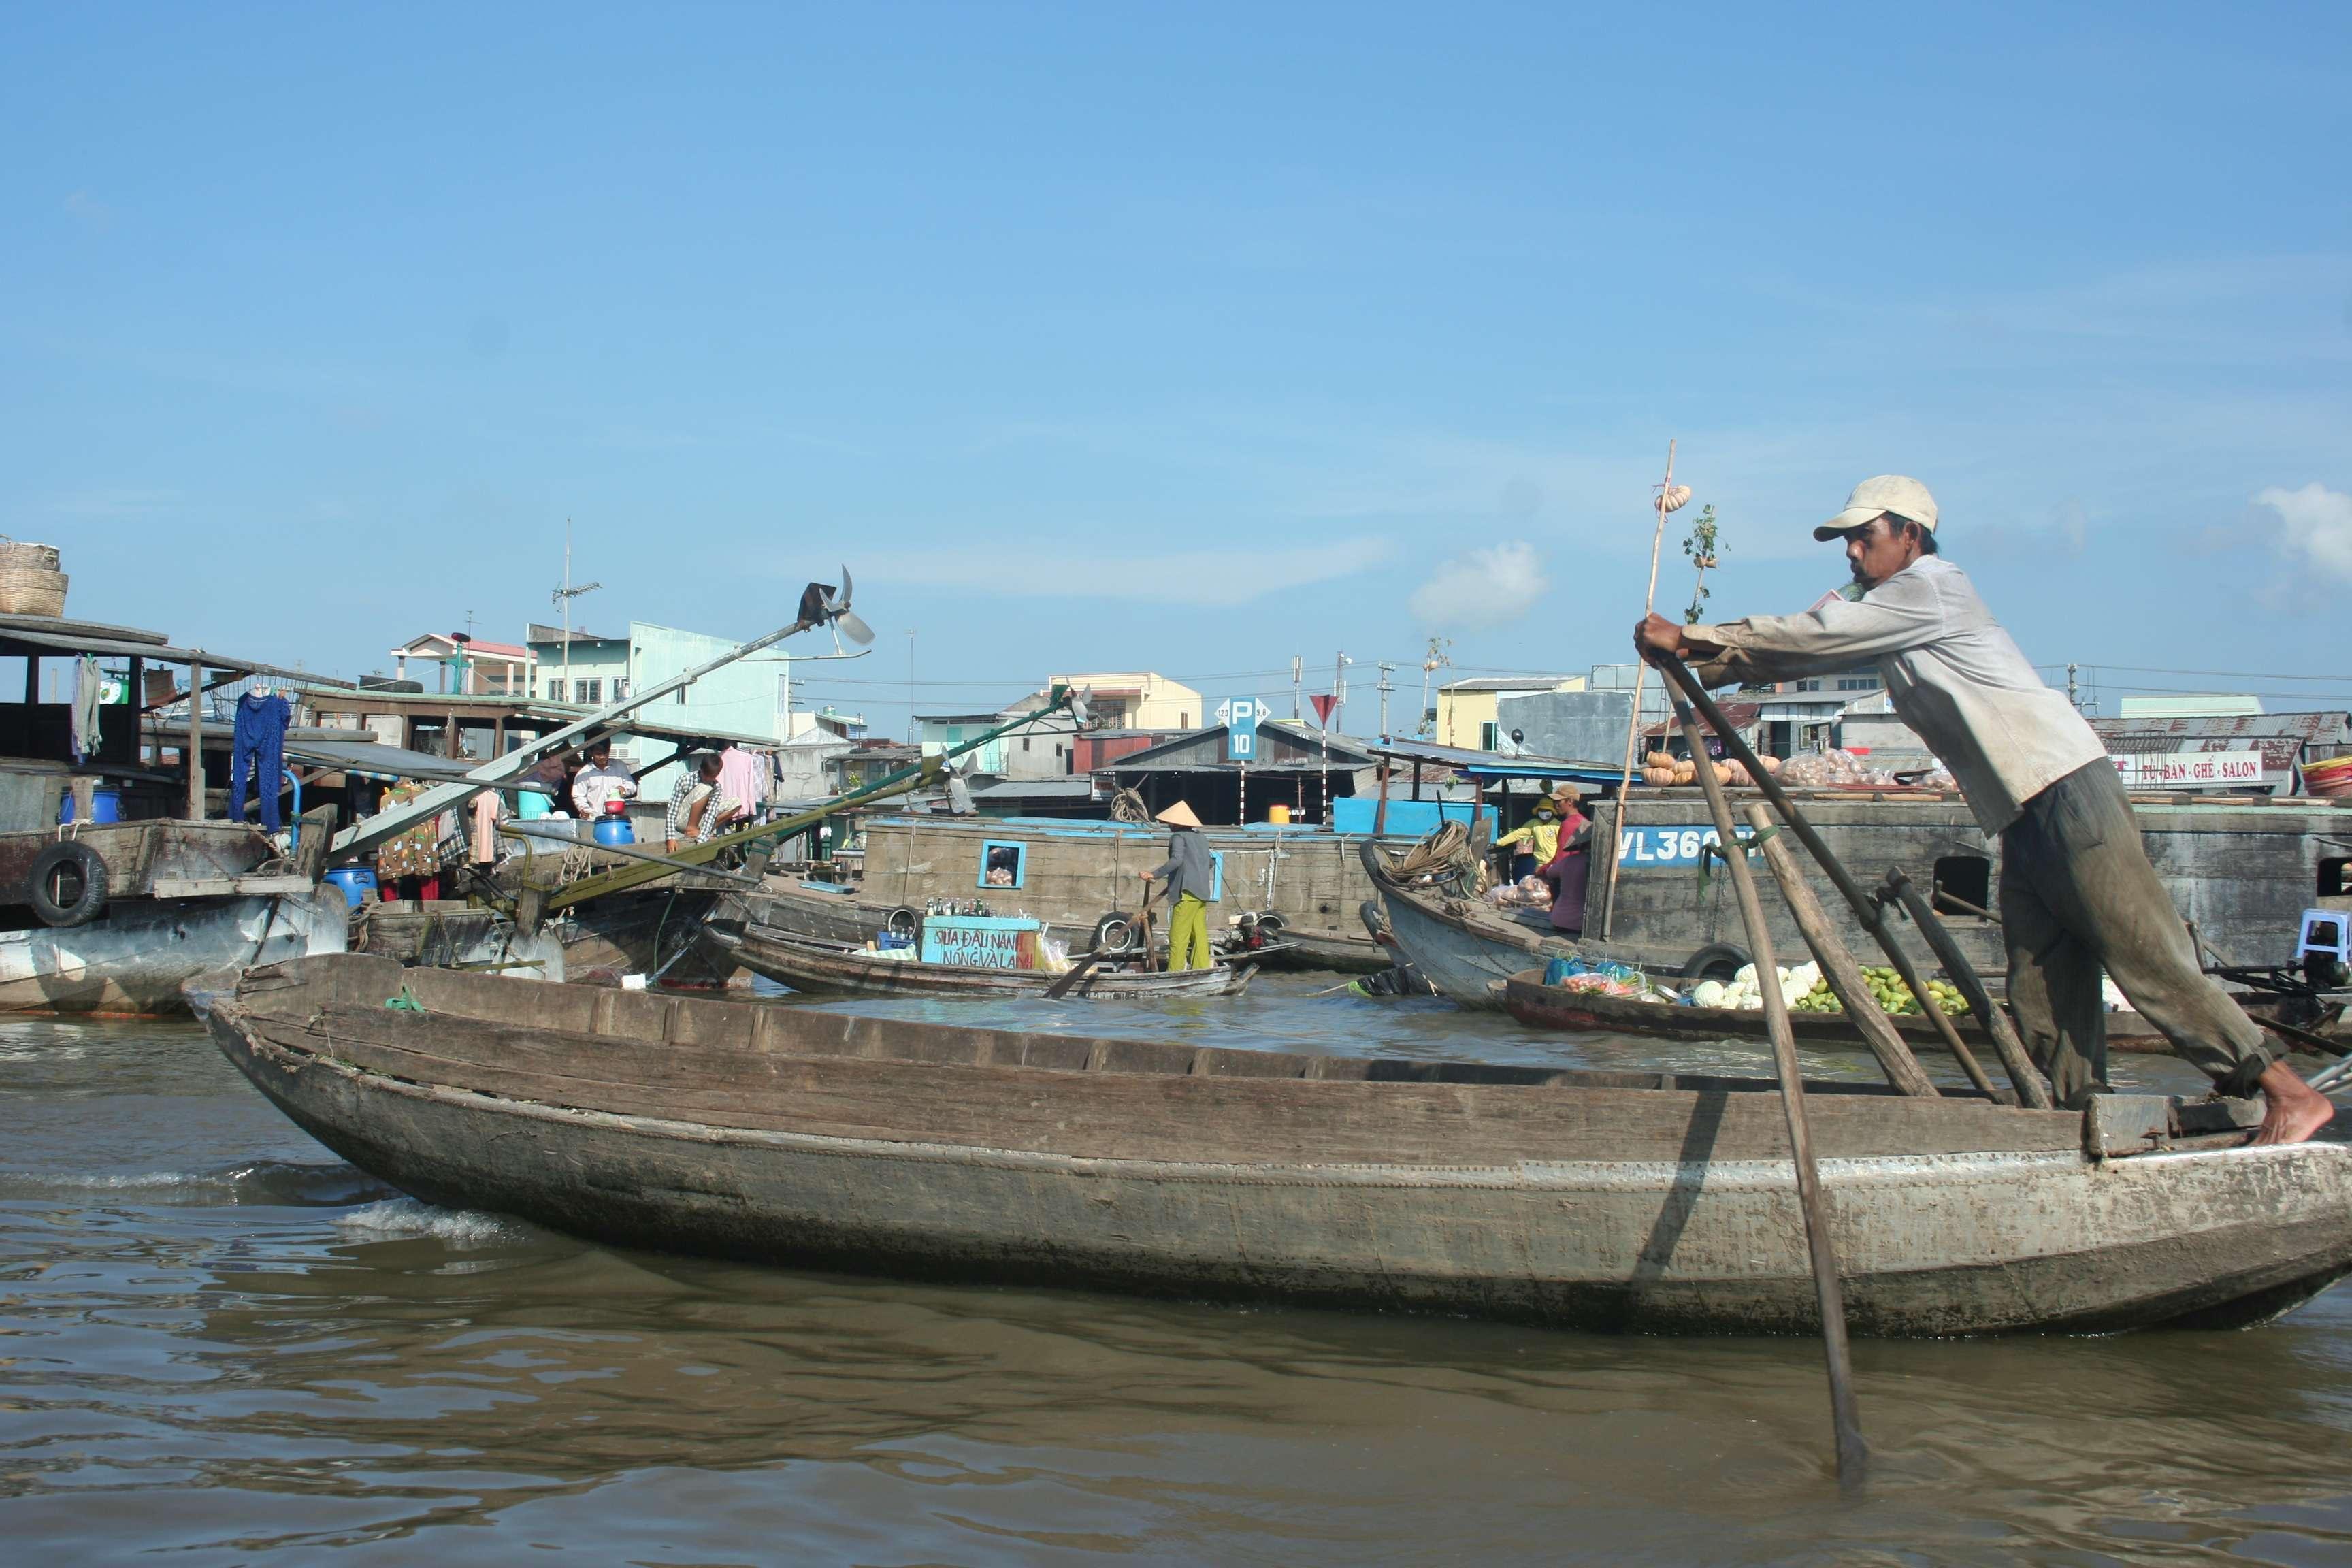 20120420_431 Delta du Mekong marche flottant